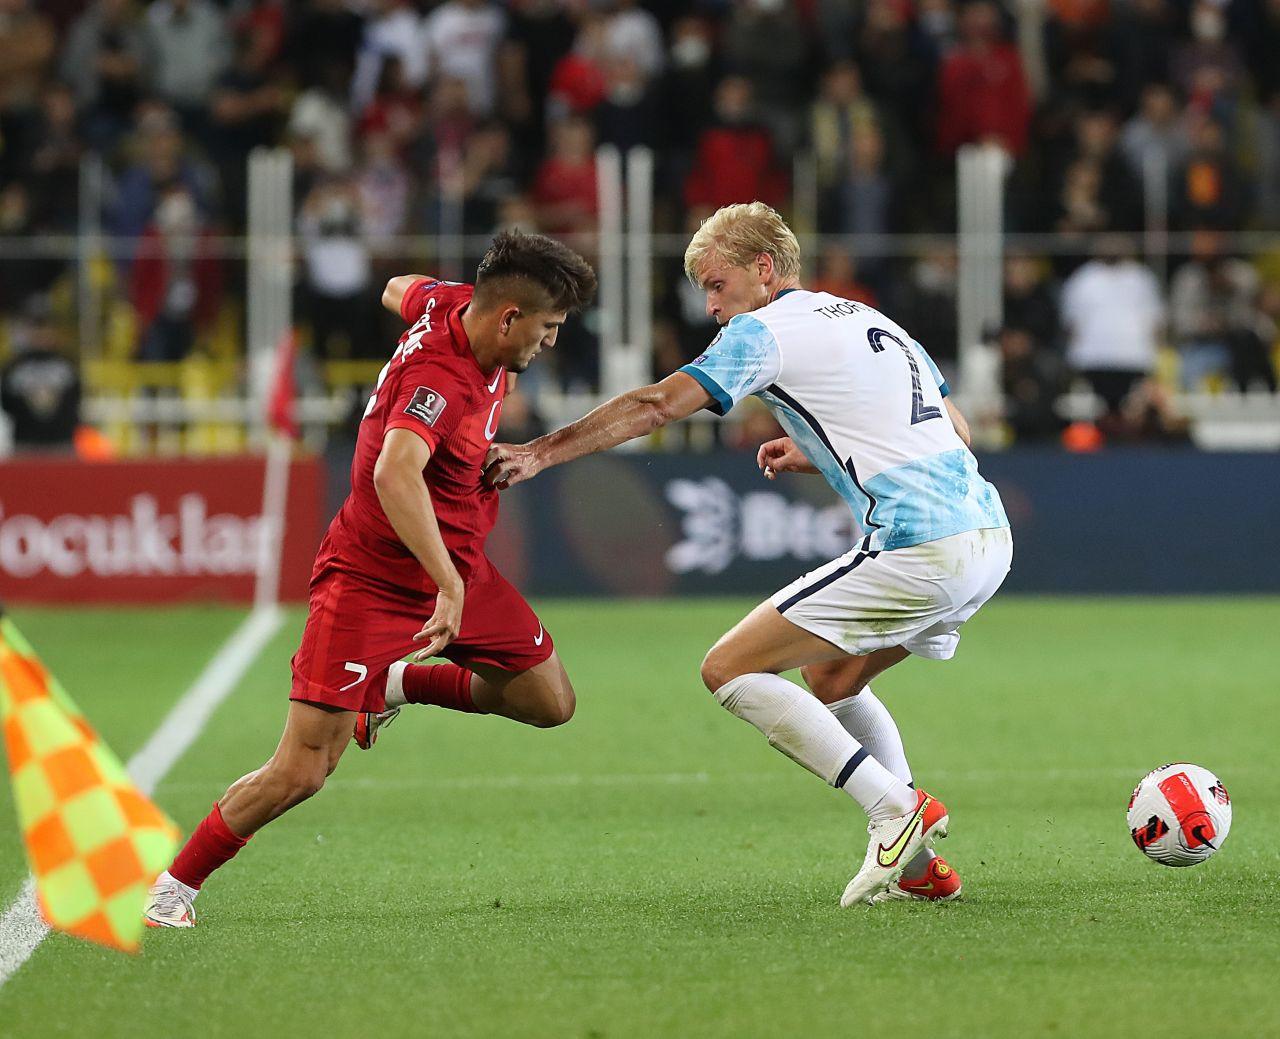 A Milli Futbol Takımı, Norveç ile berabere kaldı: 1-1 - Sayfa 2